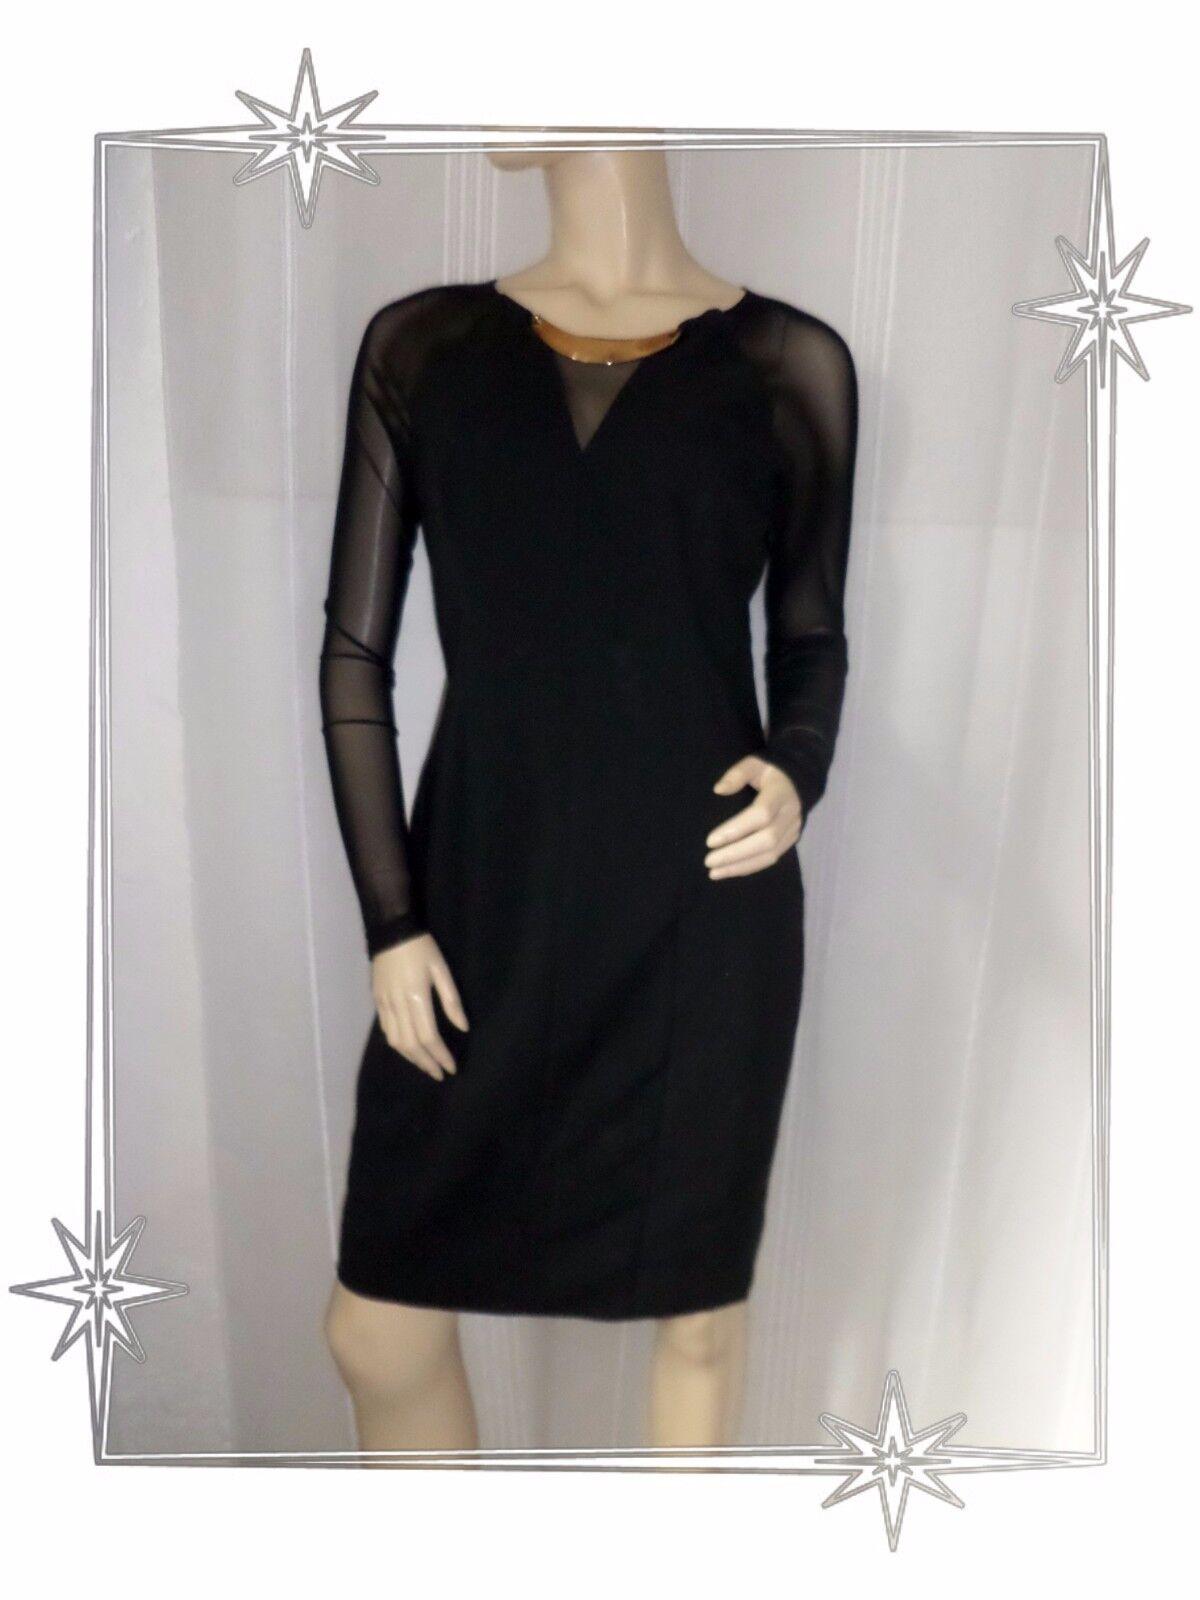 C- Großartig Geradegeschnittenes Kleid Schwarz Tuch Segel Mohito Größe 38 Neue